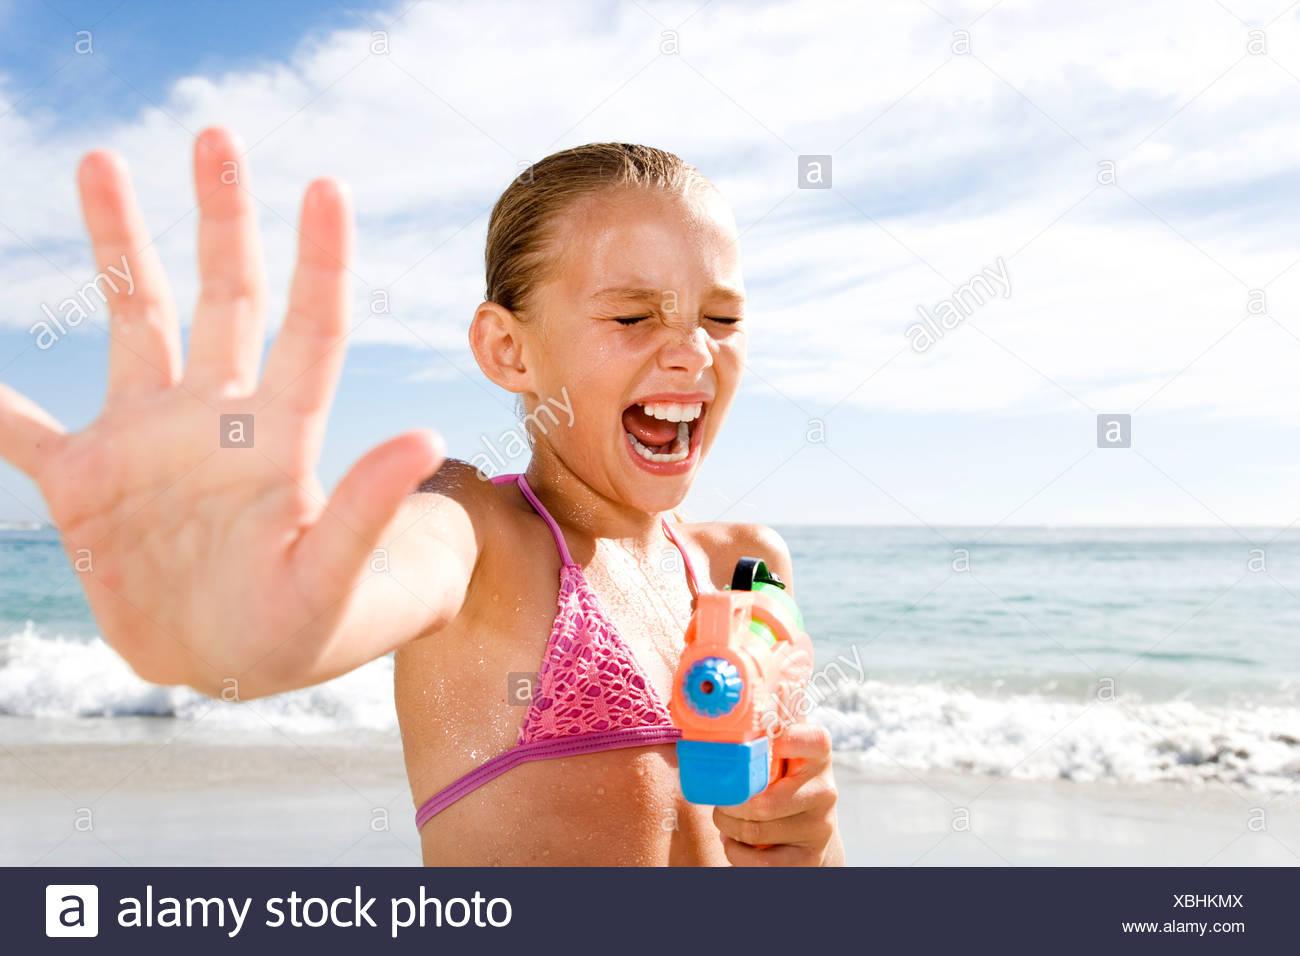 Una giovane ragazza giocando sulla spiaggia Immagini Stock